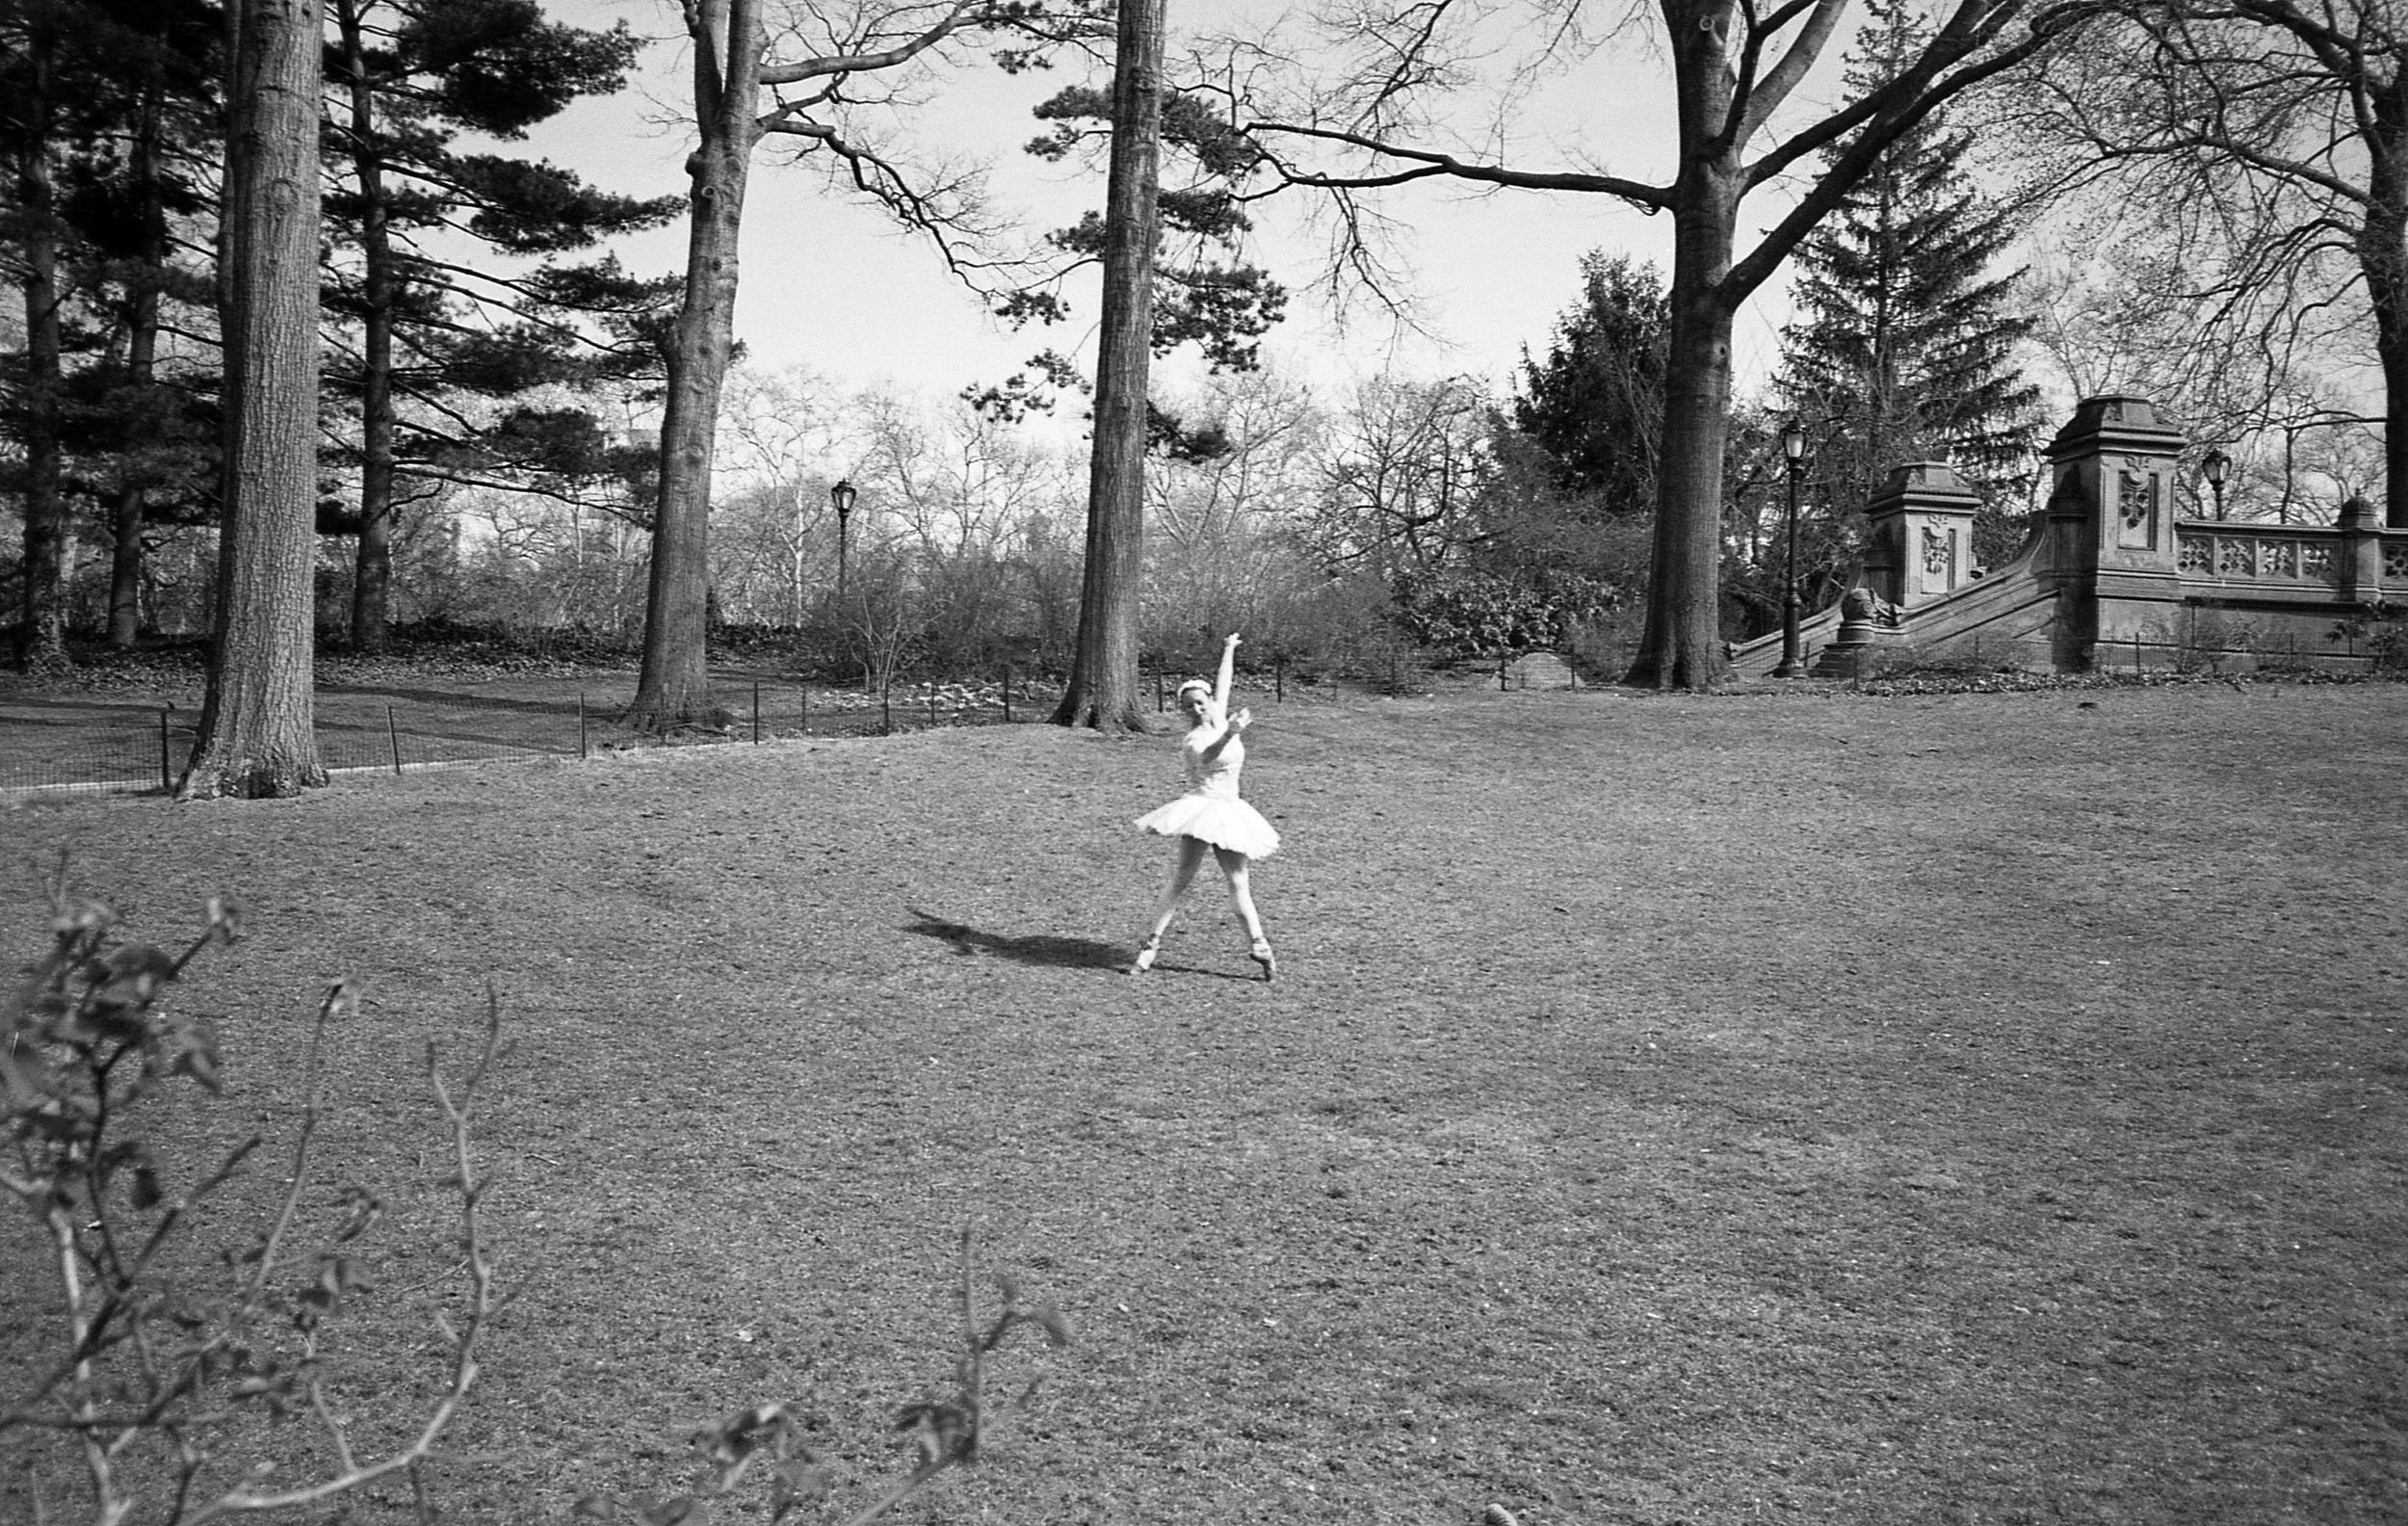 ballet dancer central park bw.jpg